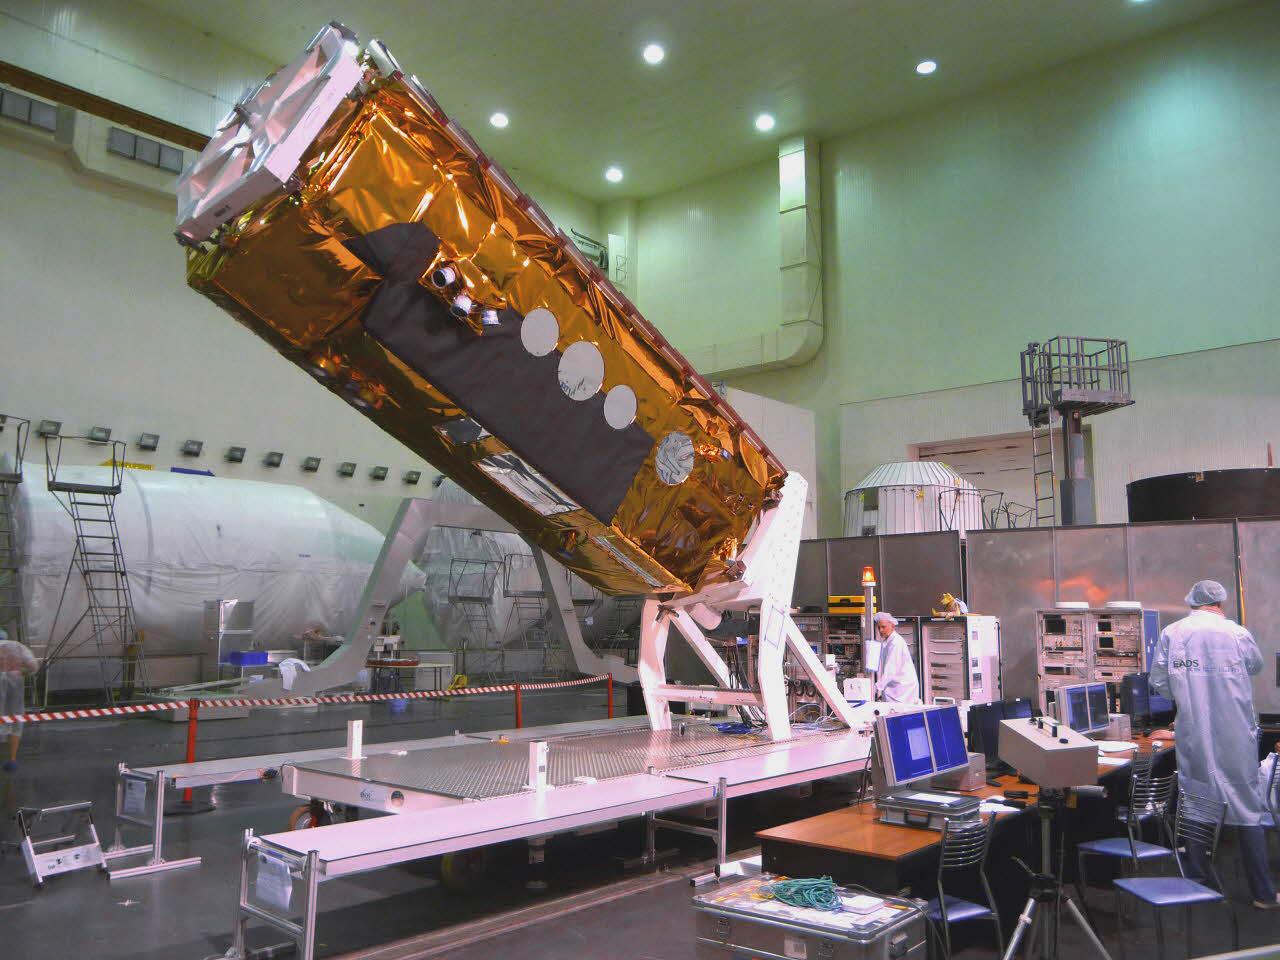 Bae To Market German Radar Satellite Data To U S